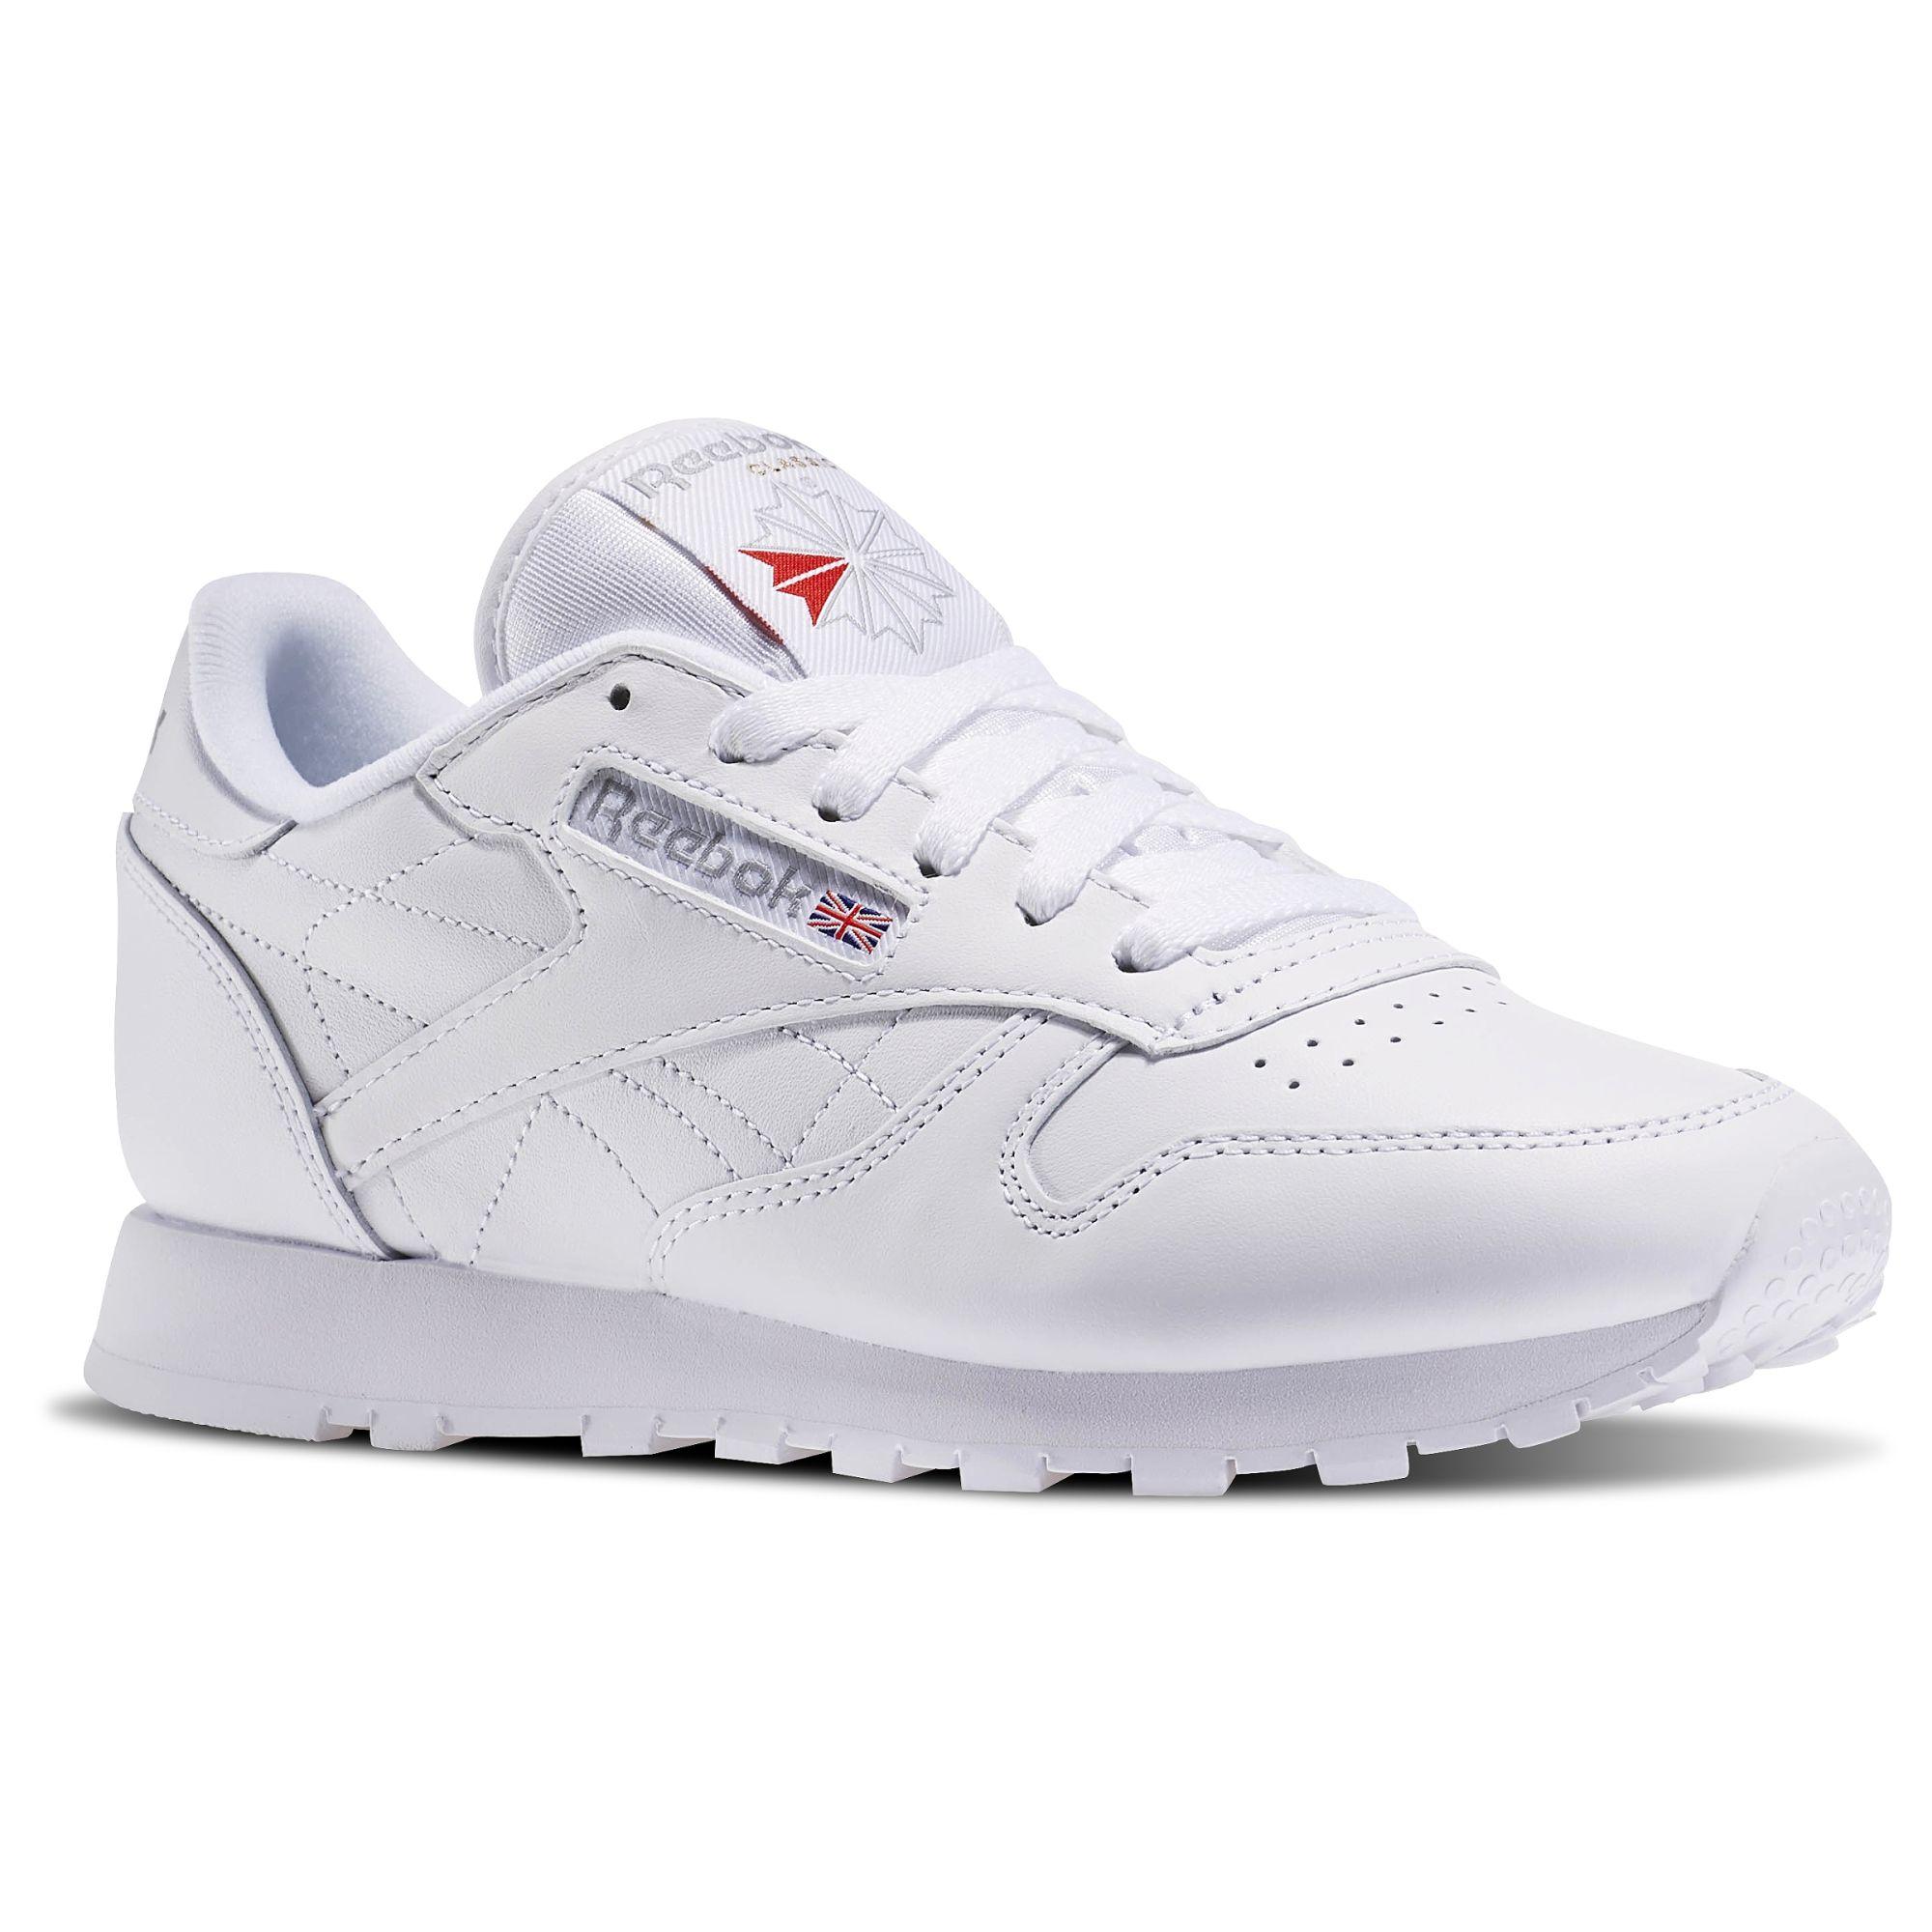 נעלי ספורט ריבוק קלאסיק לנשים צבע לבן - 835